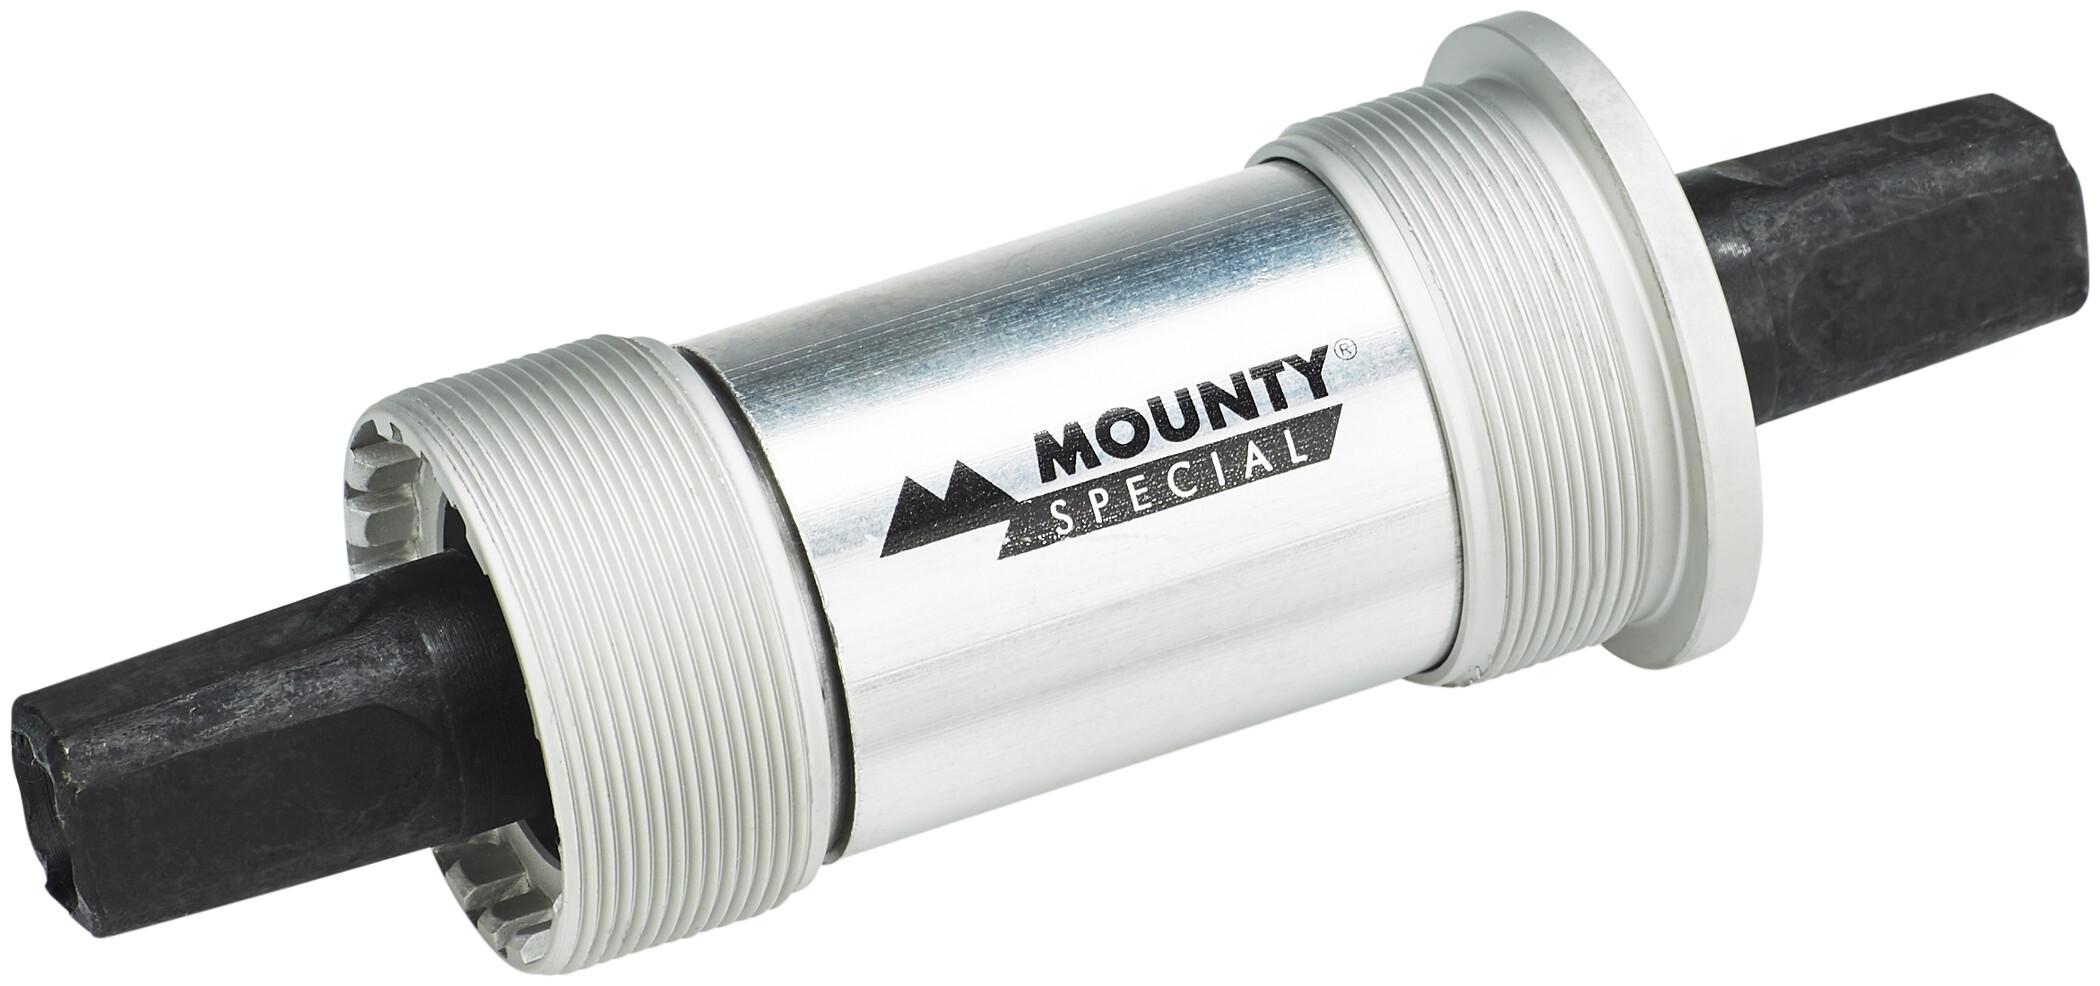 Mounty Tec-Bracket Krankboks BSA (2019)   Bottom brackets